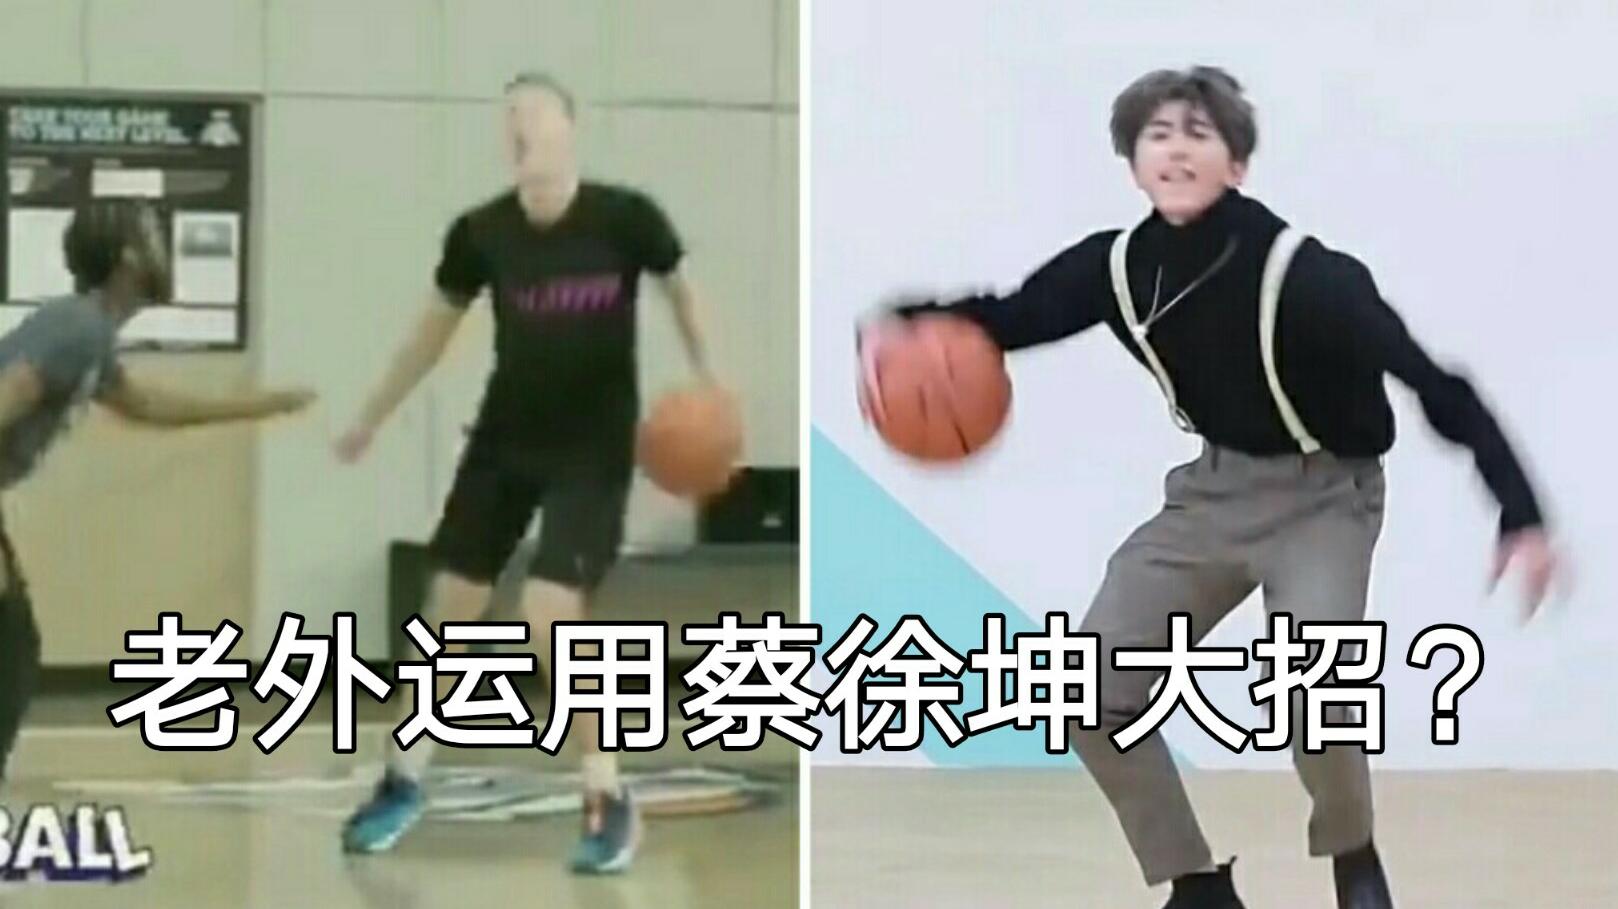 老外打篮球,运用蔡徐坤大招时,牛了!